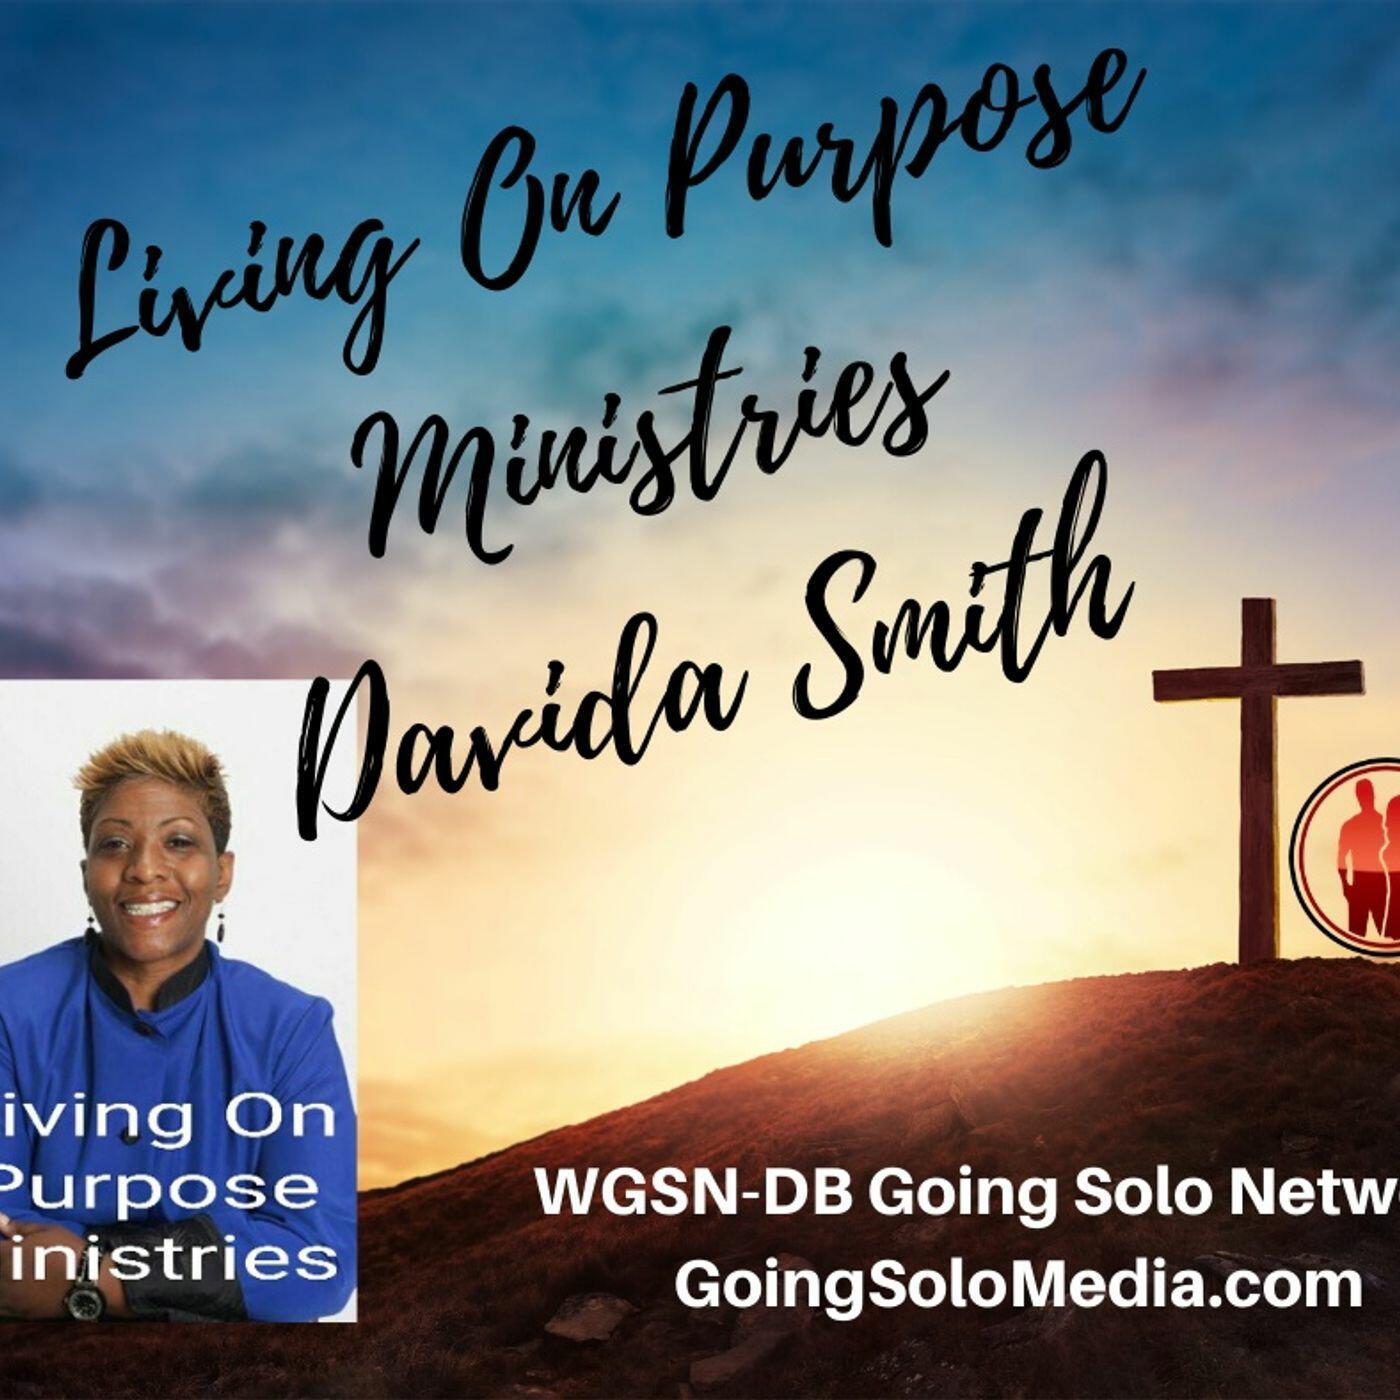 DavidaSmith Living On Purpose Ministries